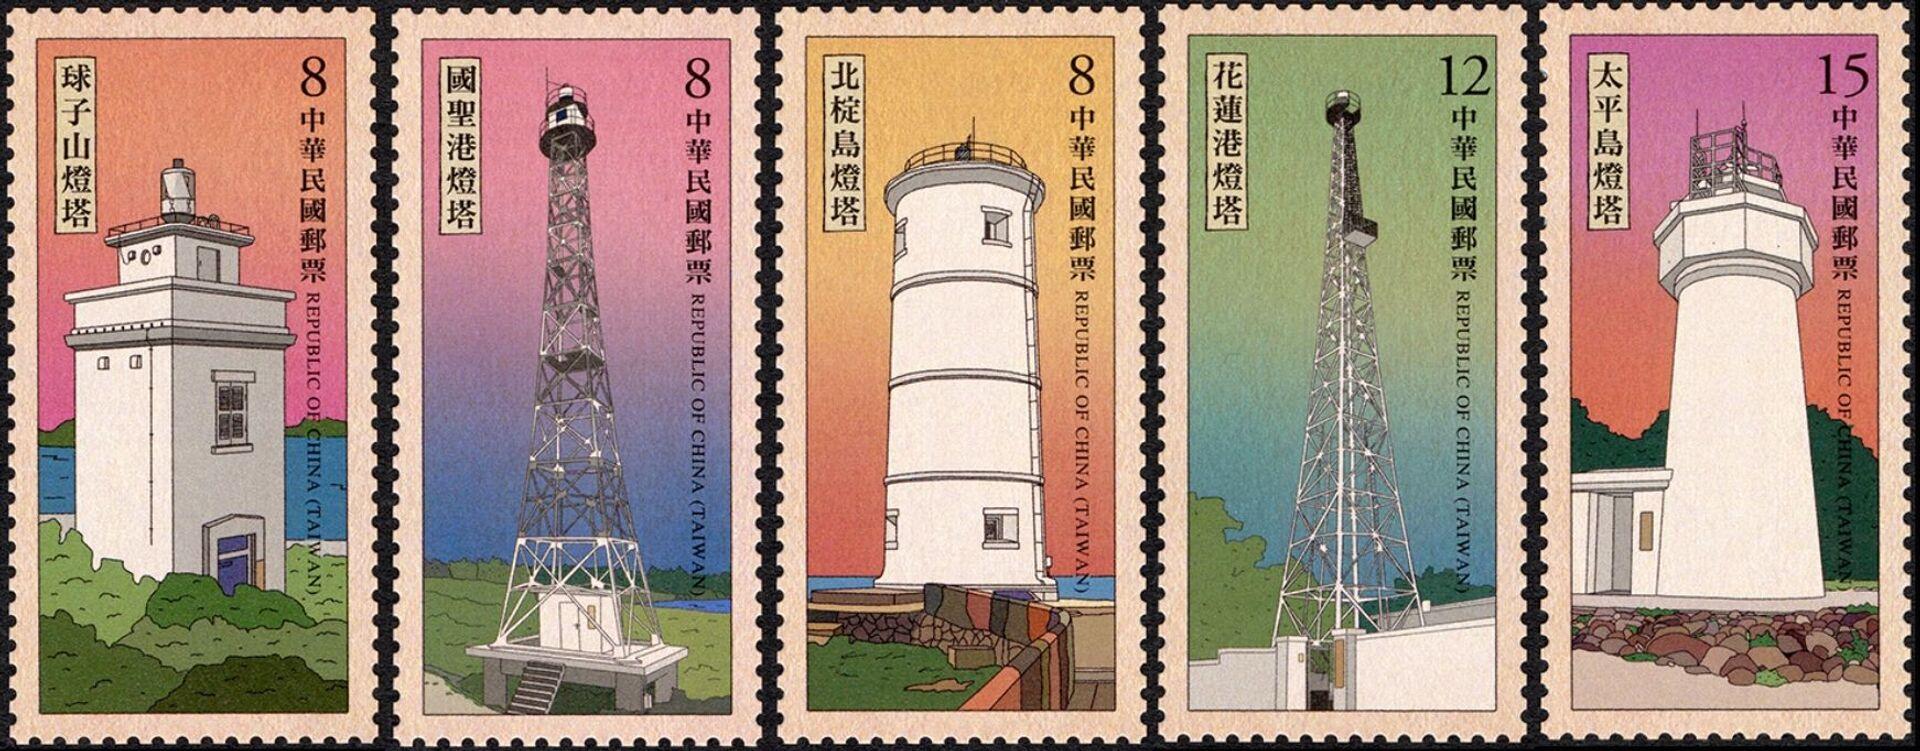 Trường Sa là của Việt Nam: Phẫn nộ vì bộ tem Đài Loan vi phạm chủ quyền - Sputnik Việt Nam, 1920, 13.04.2021